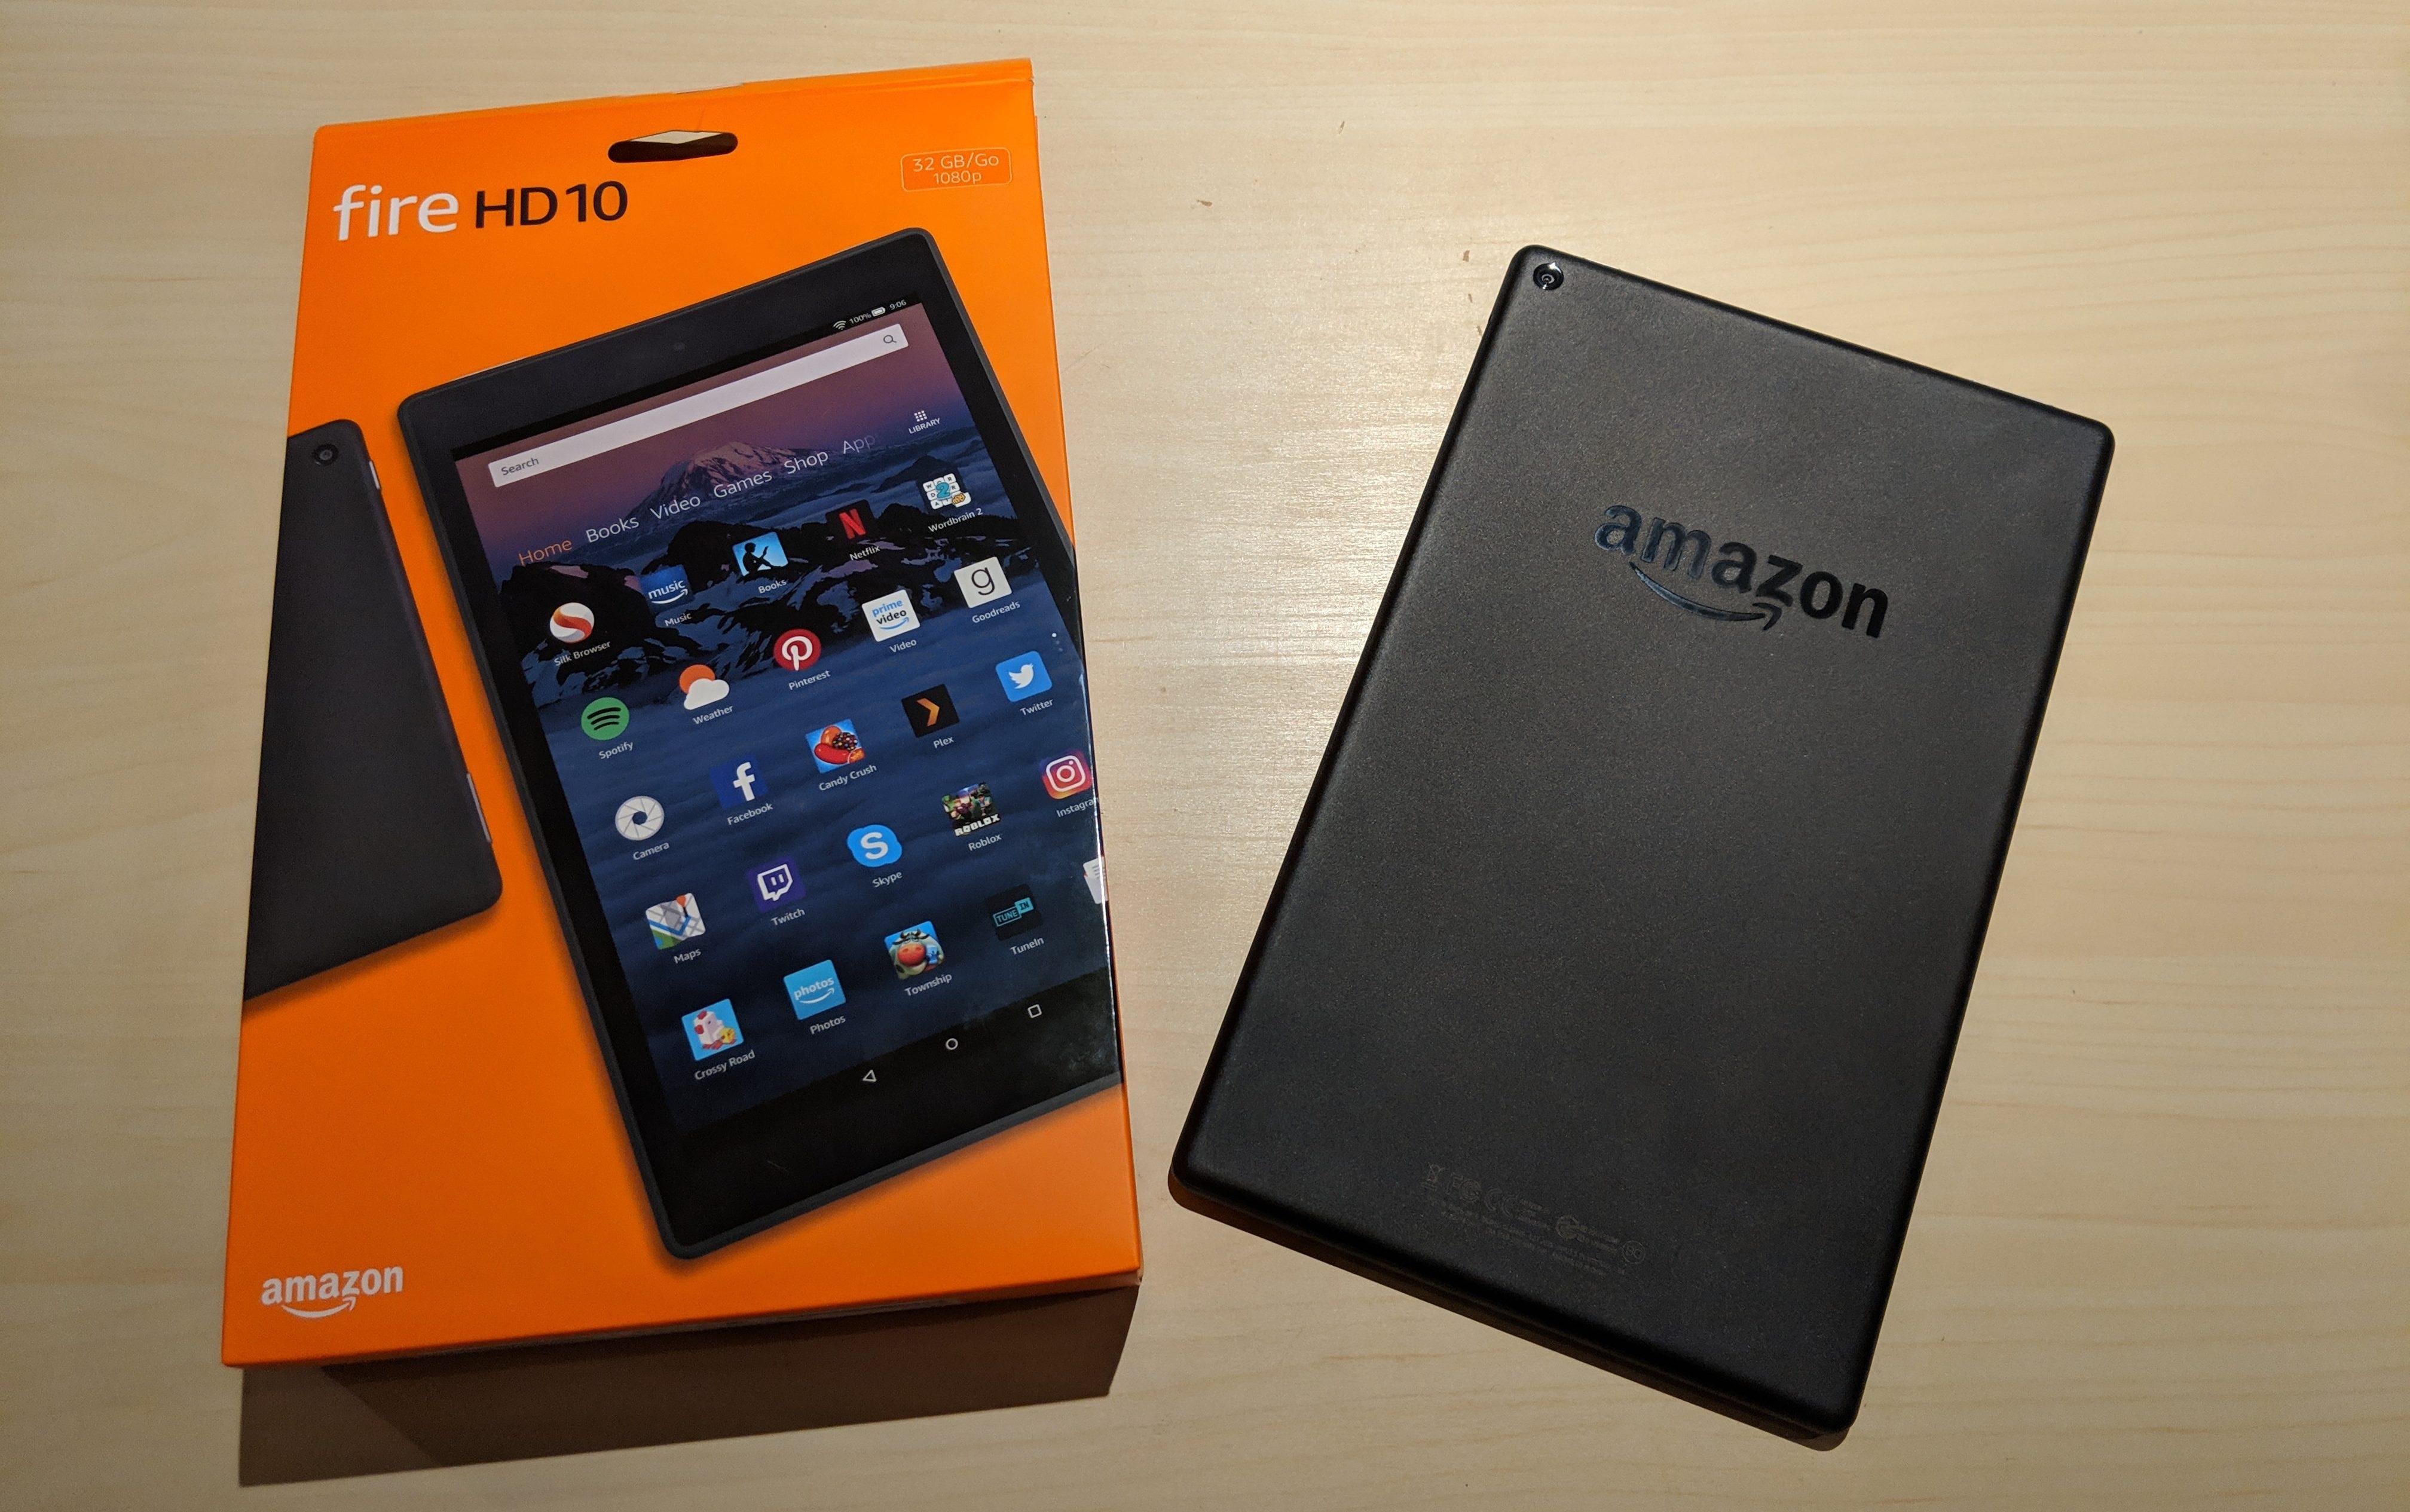 Amazon Fire HD 10